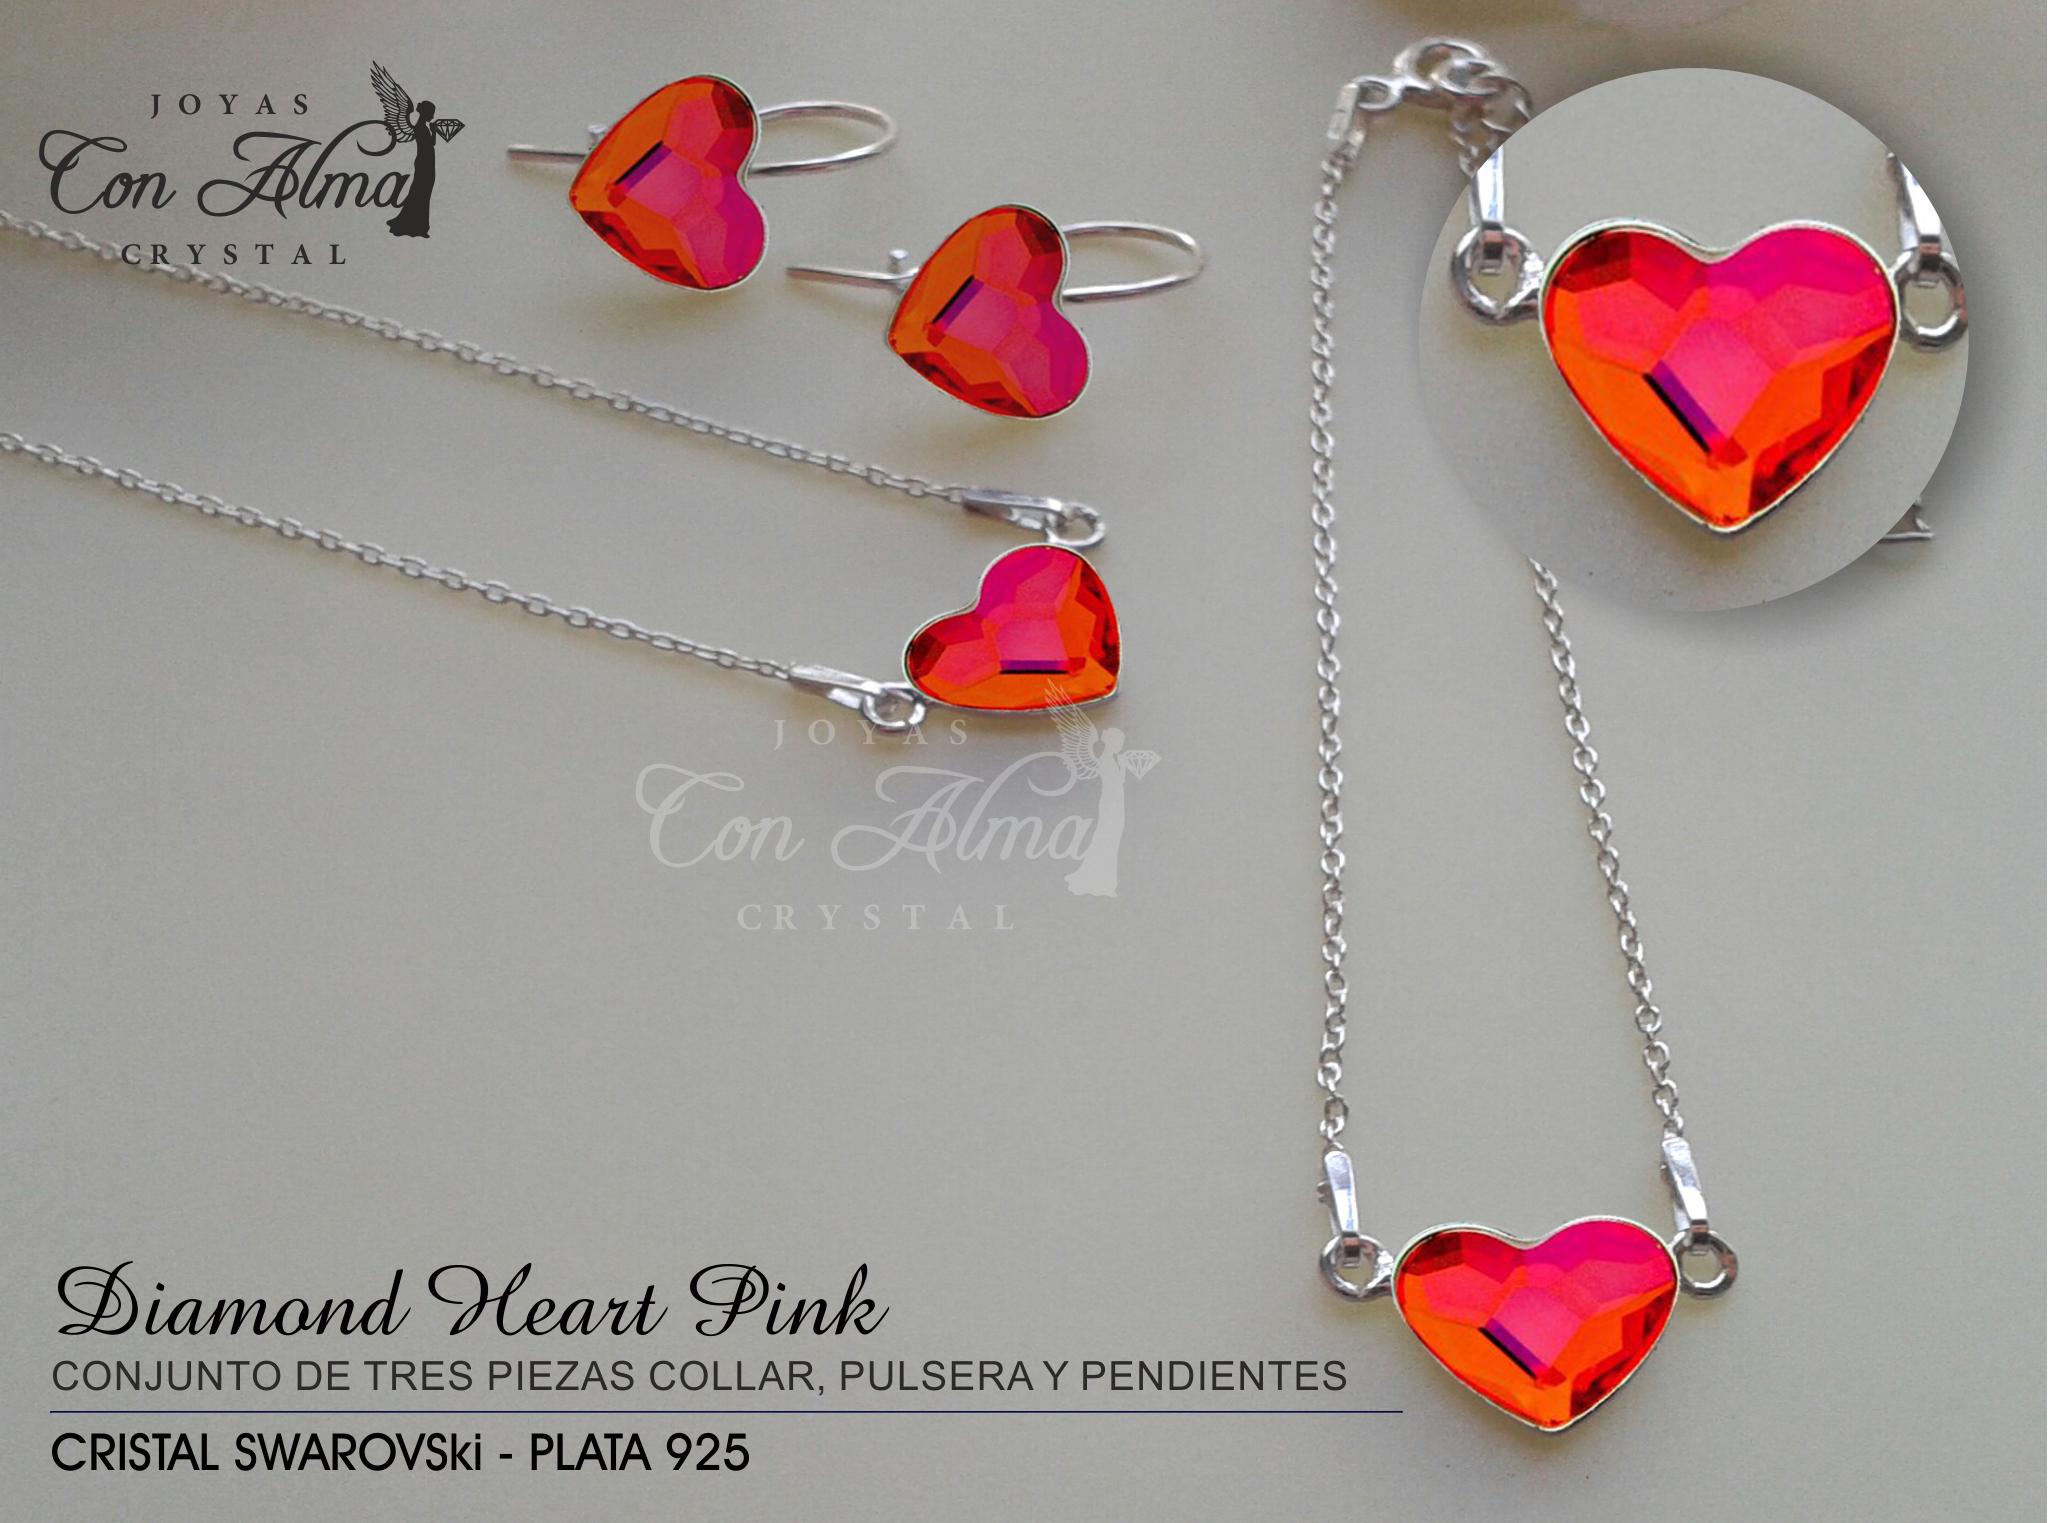 Diamond Heart Pink   59,99.€